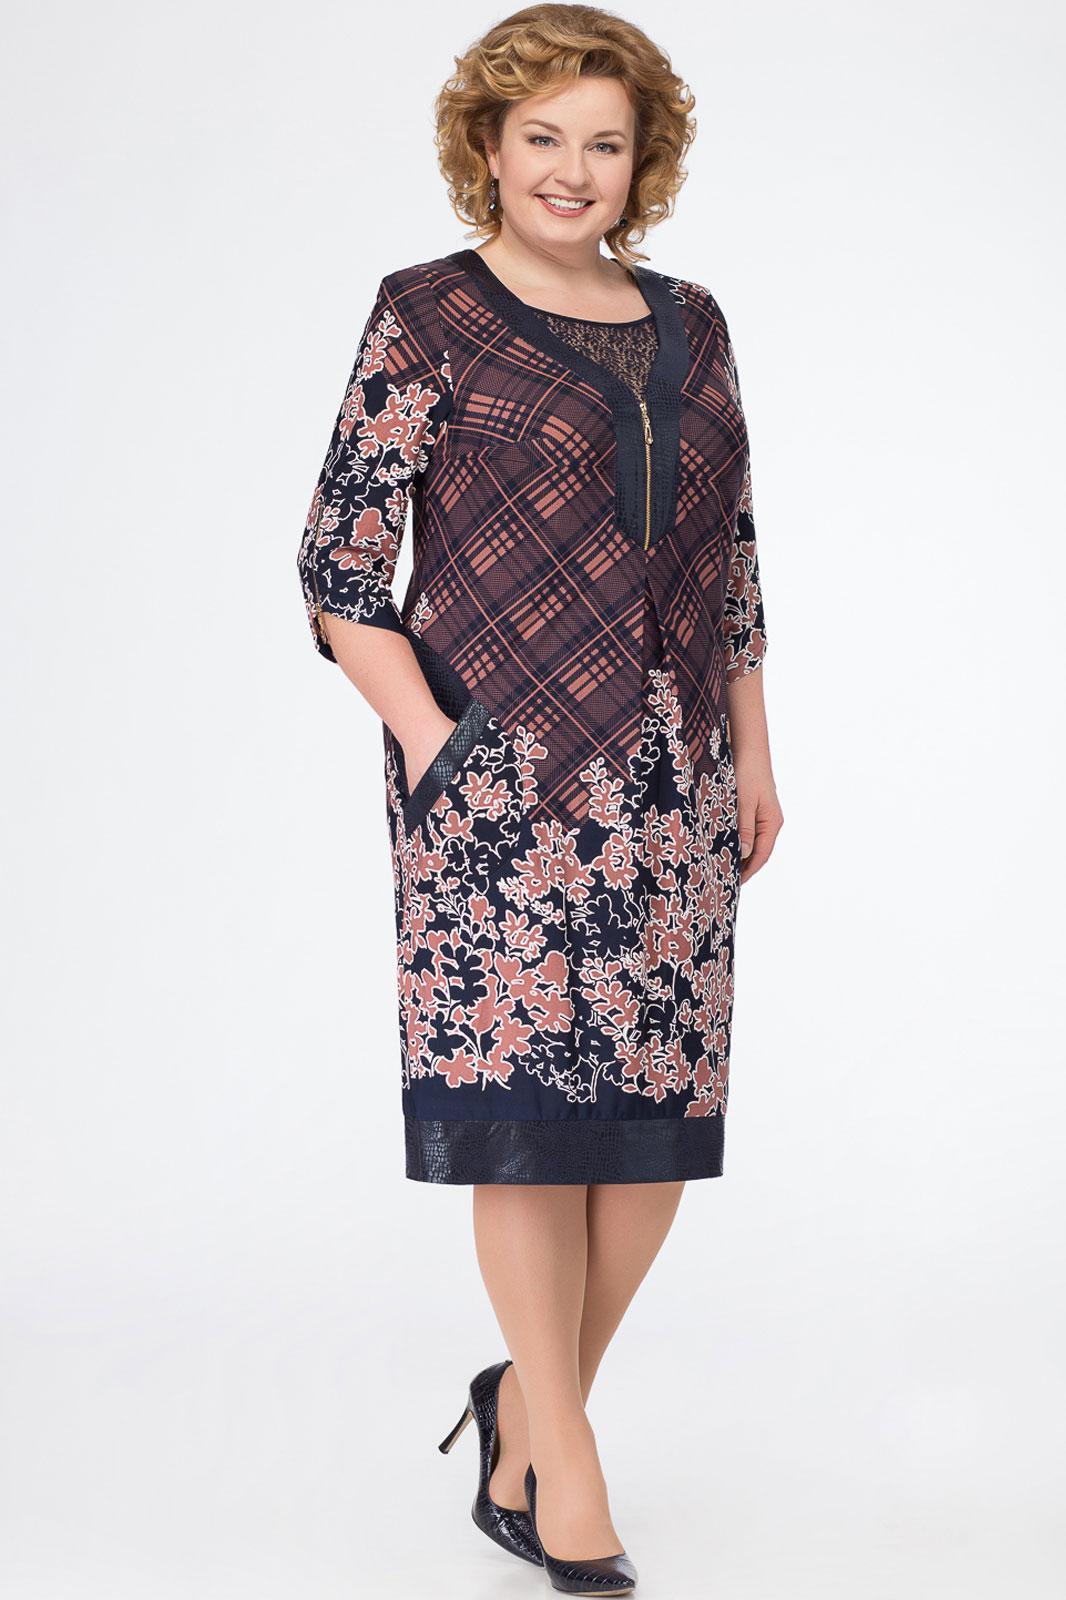 Купить Платье Белэкспози, 732-2 сине-терракотовый, Беларусь